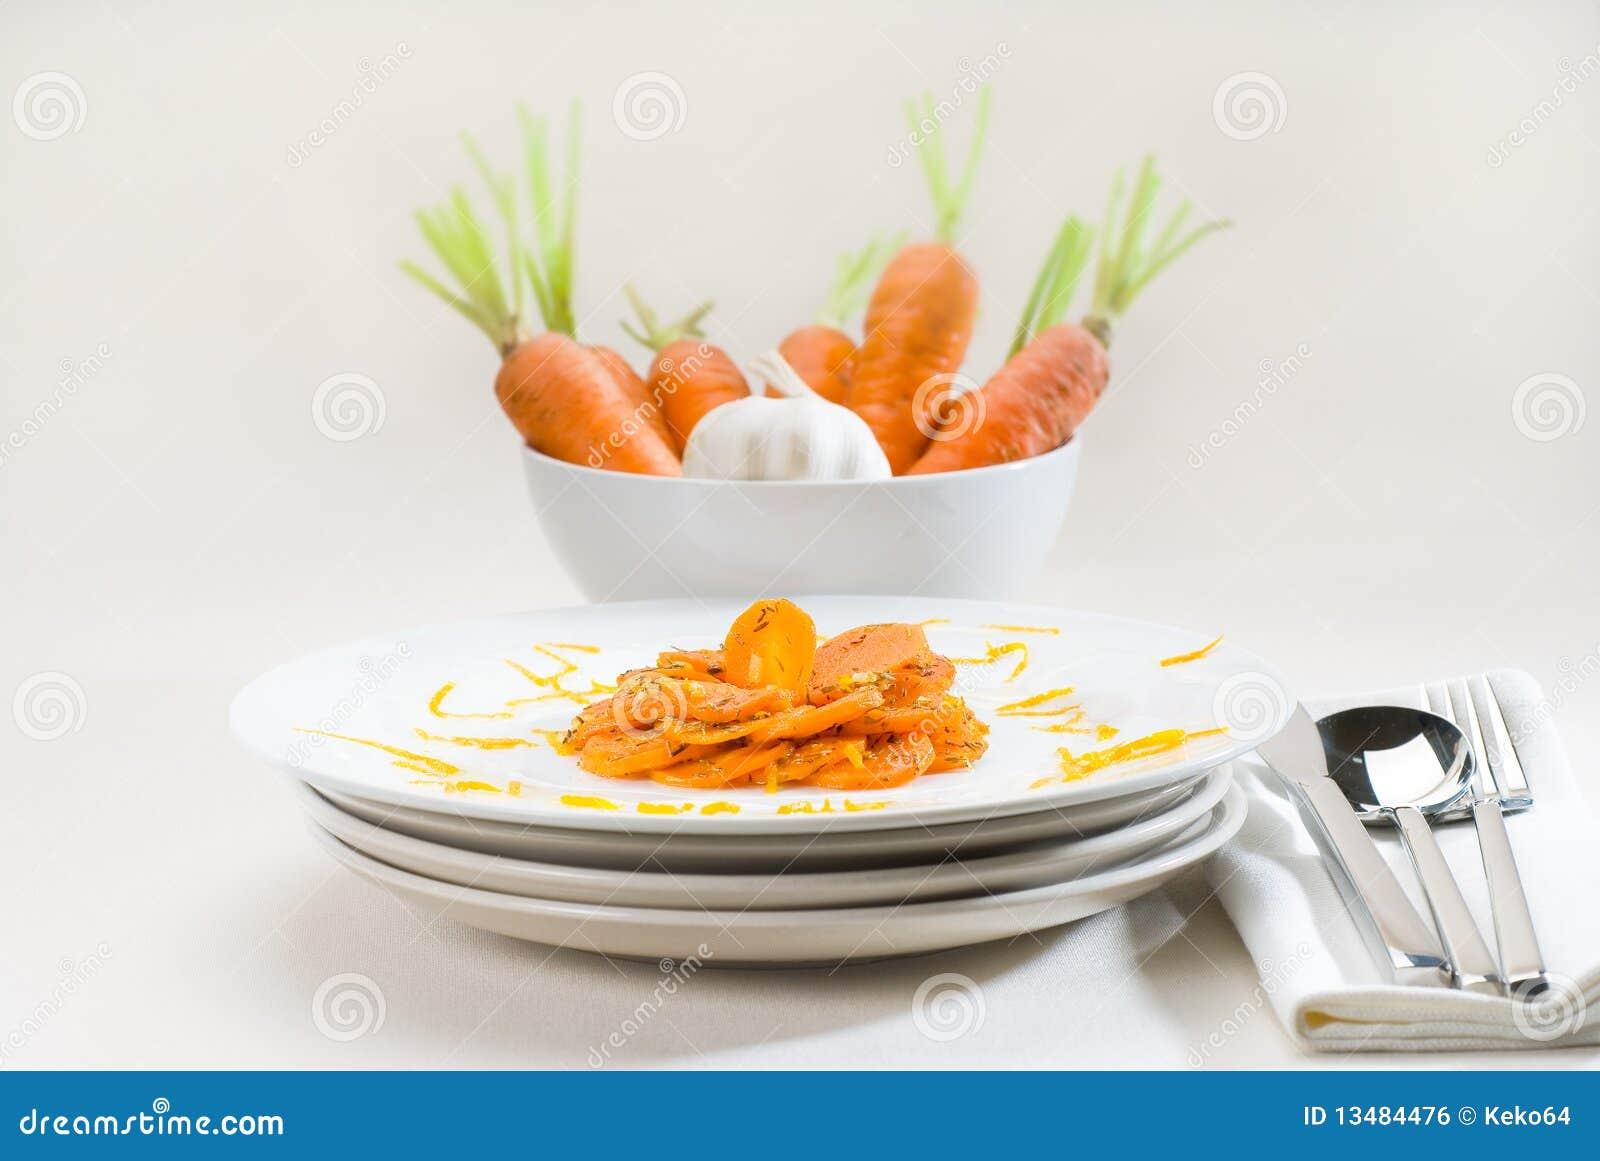 Honing verglaasde wortelen